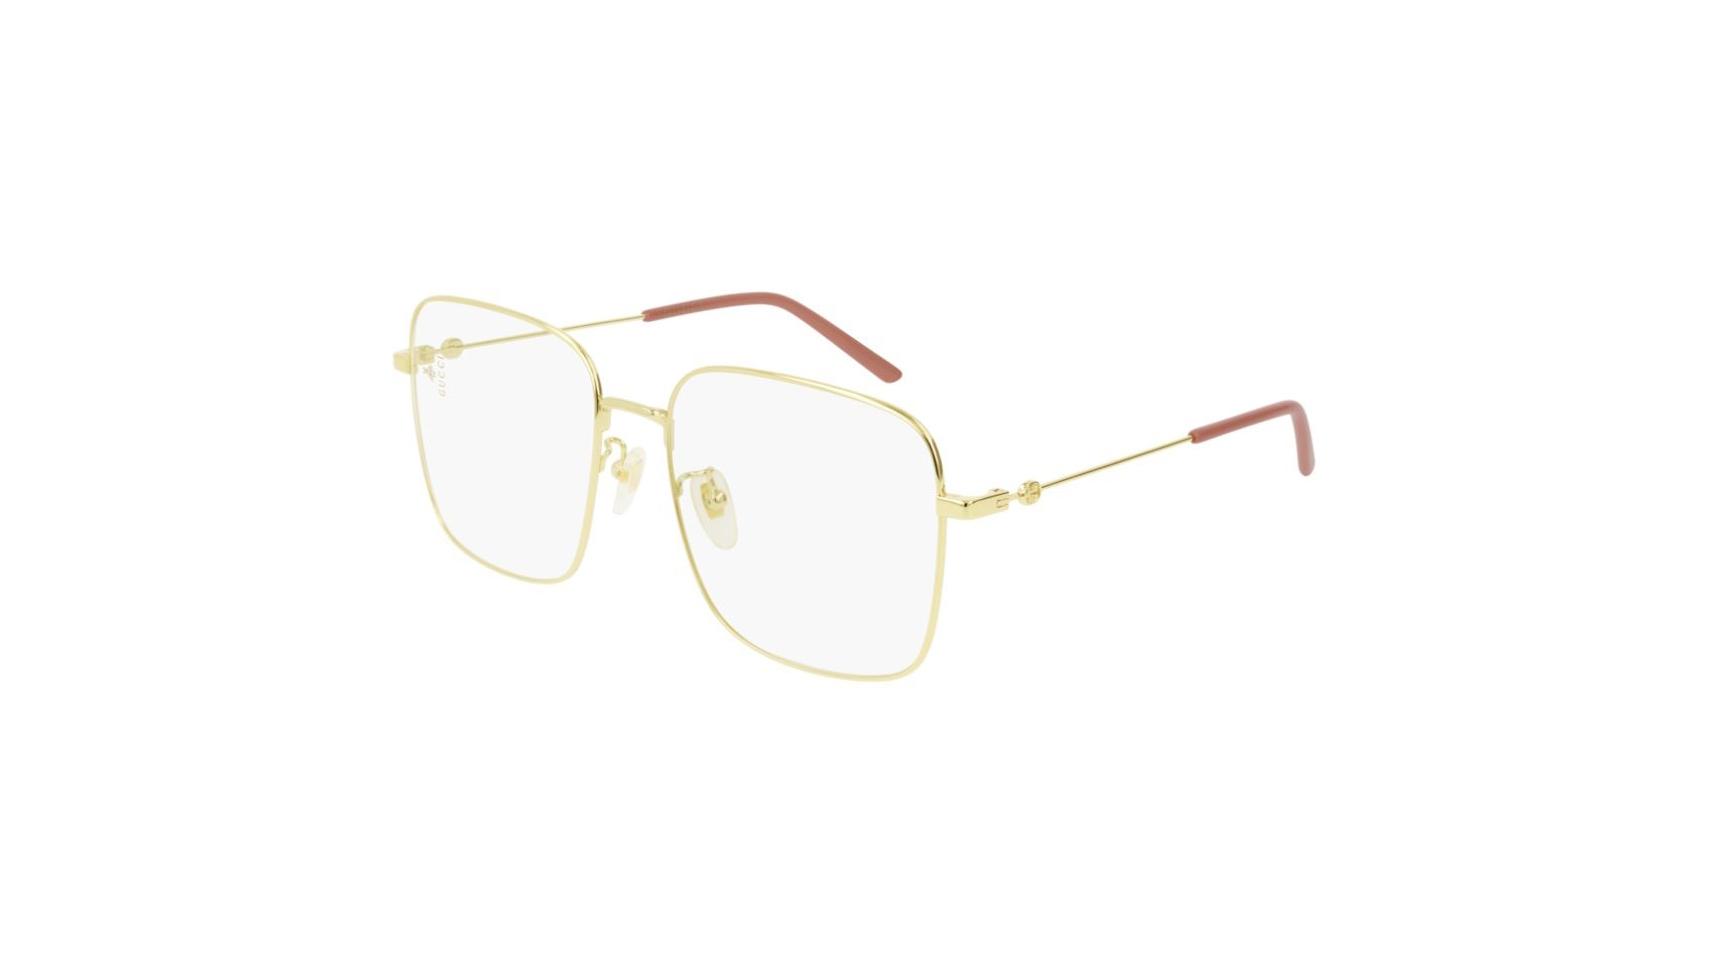 4889549f5e Gucci GUCCI LOGO GG0445O GUCCI LOGO GG 0445O 001 Gold